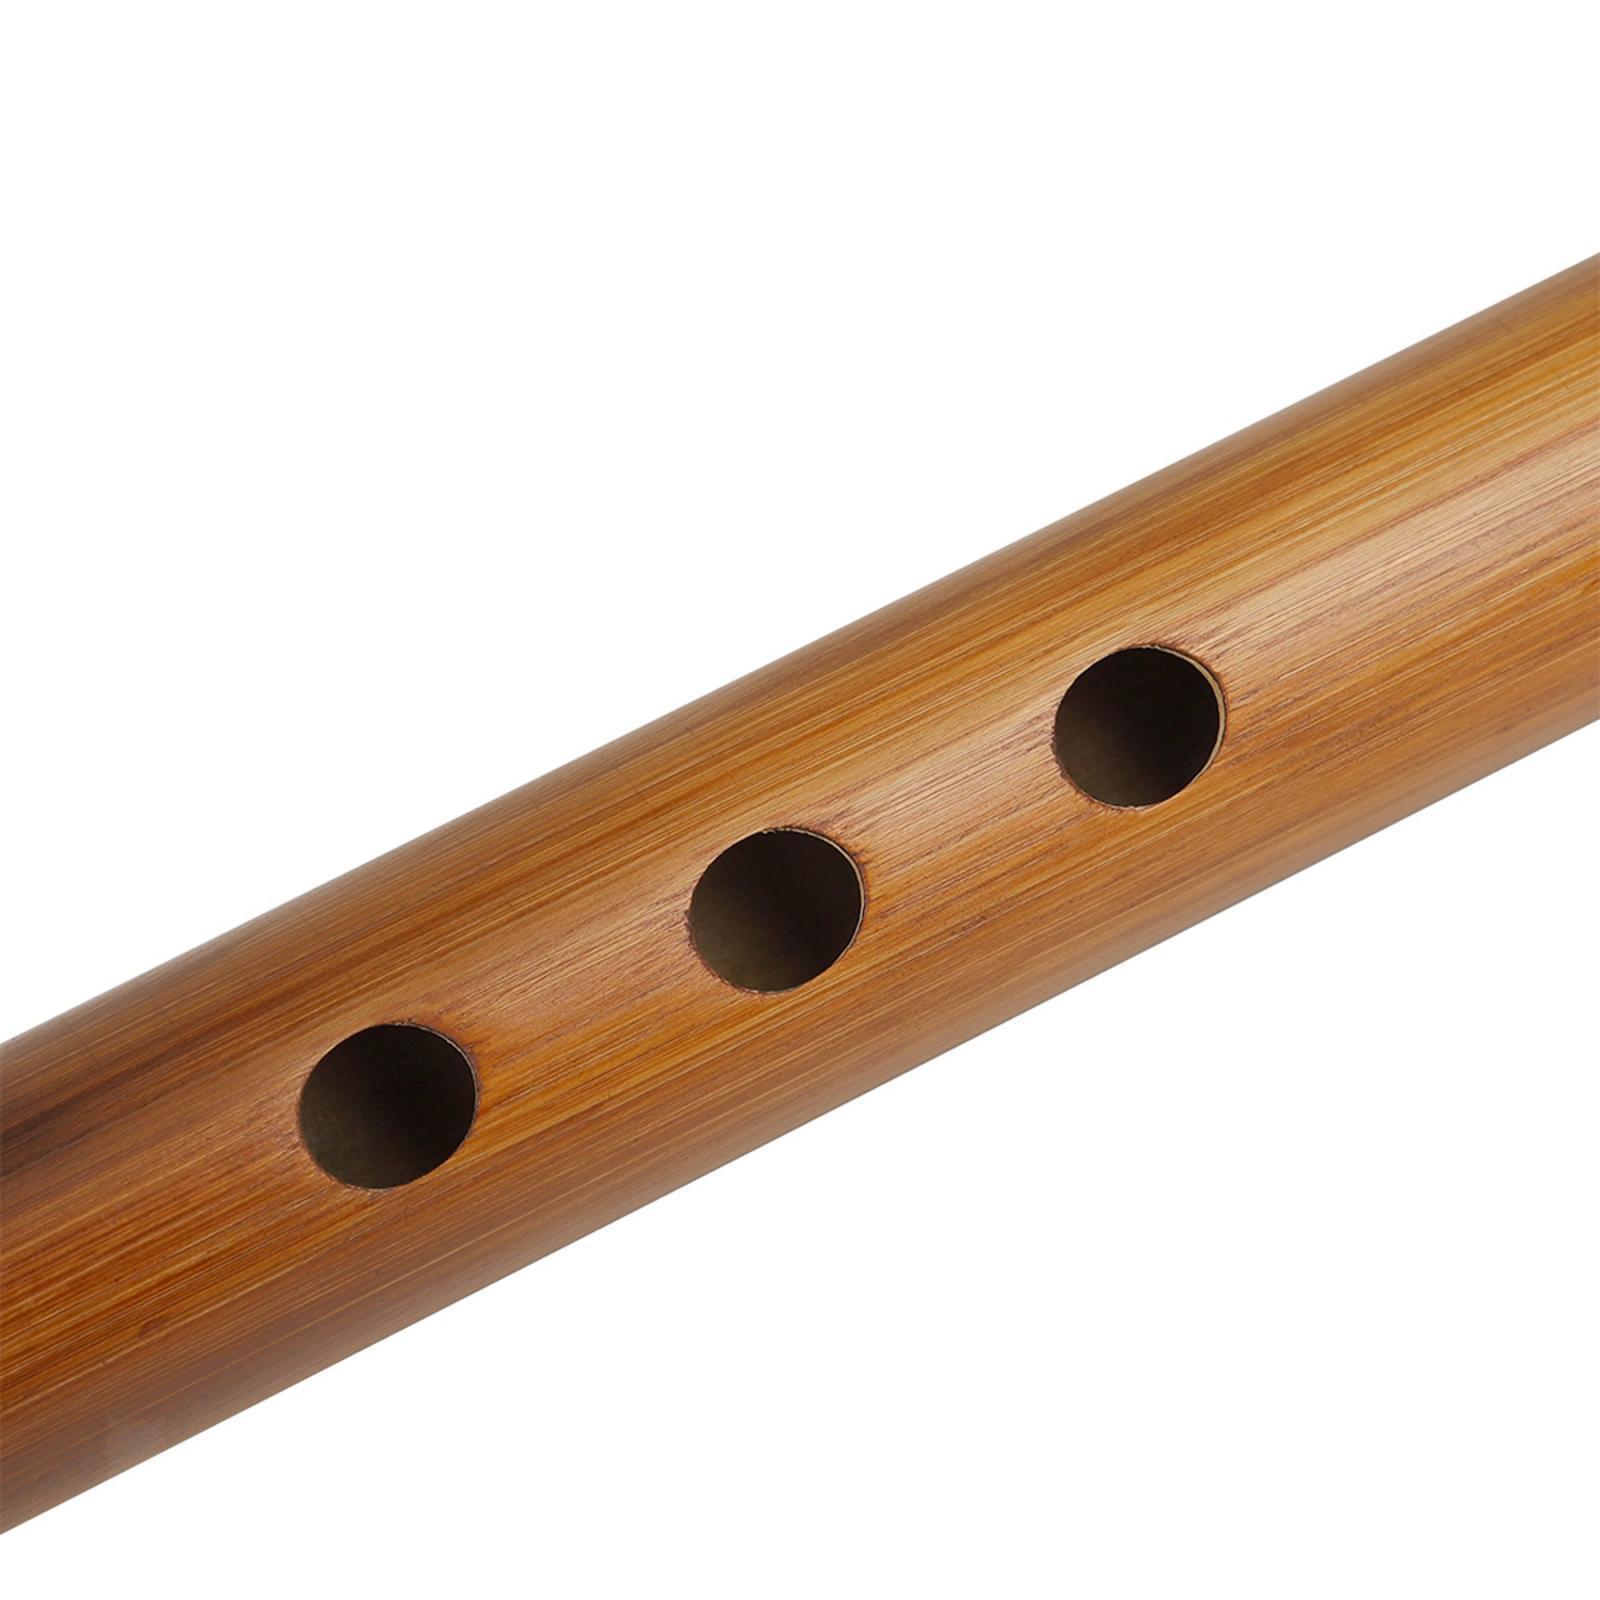 miniatura 34 - Unico-Indiano-di-Legno-Flauto-Strumento-Musicale-Registratore-Bansuri-Regalo